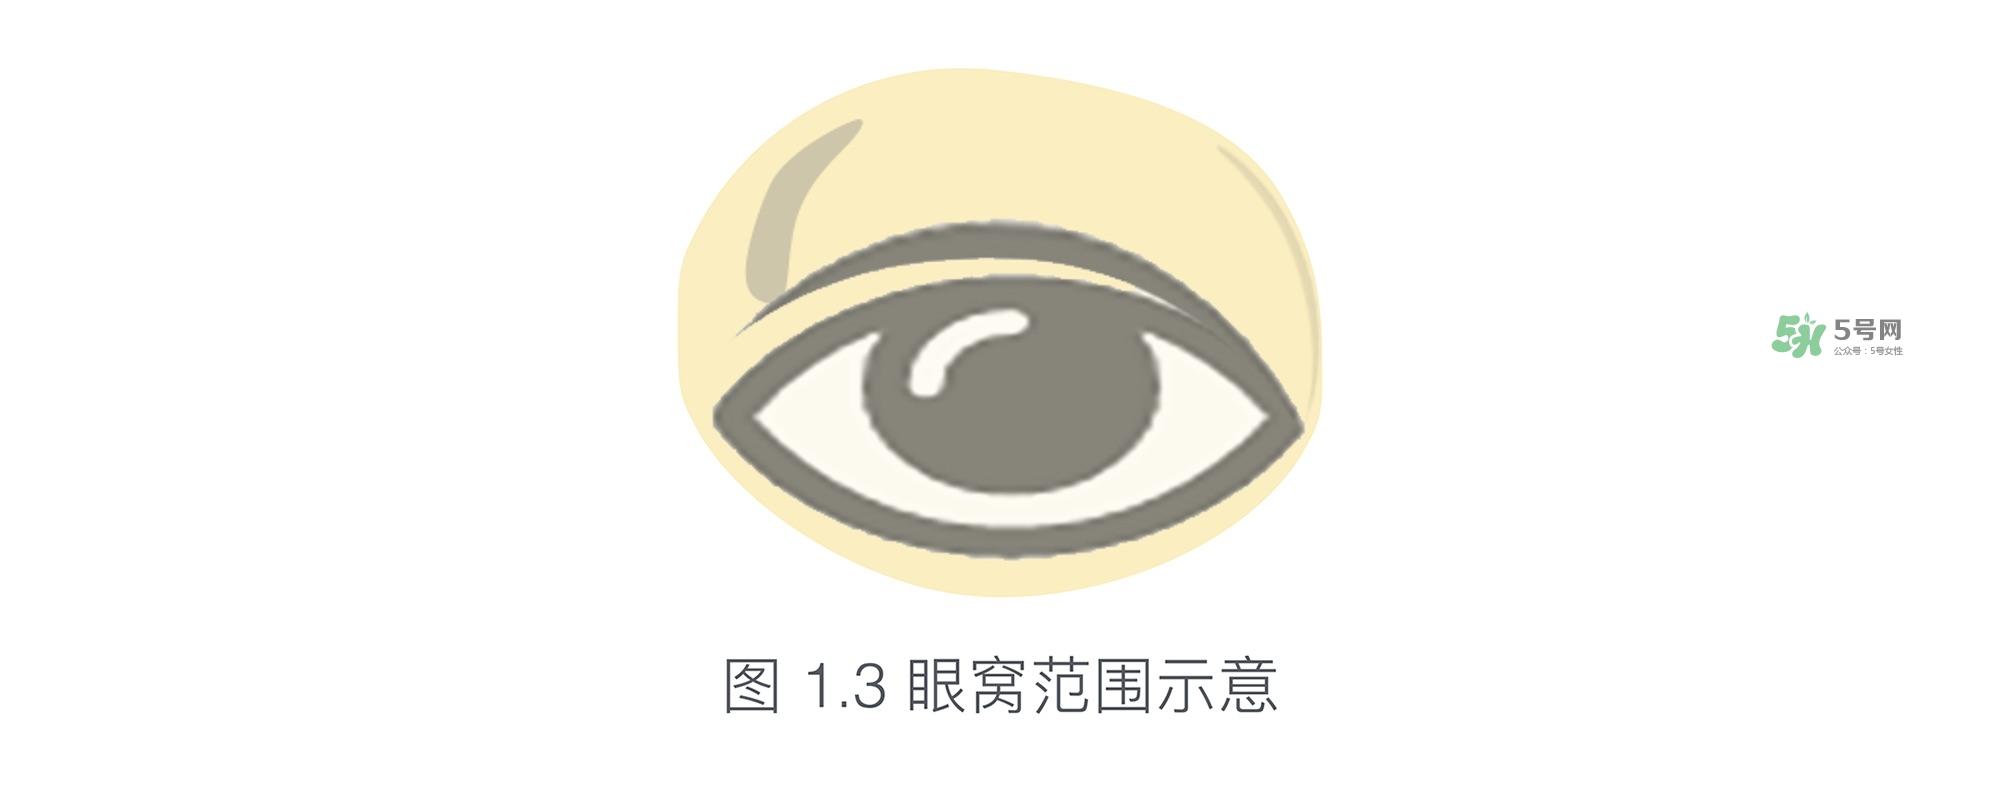 内双眼皮怎么画眼线图片